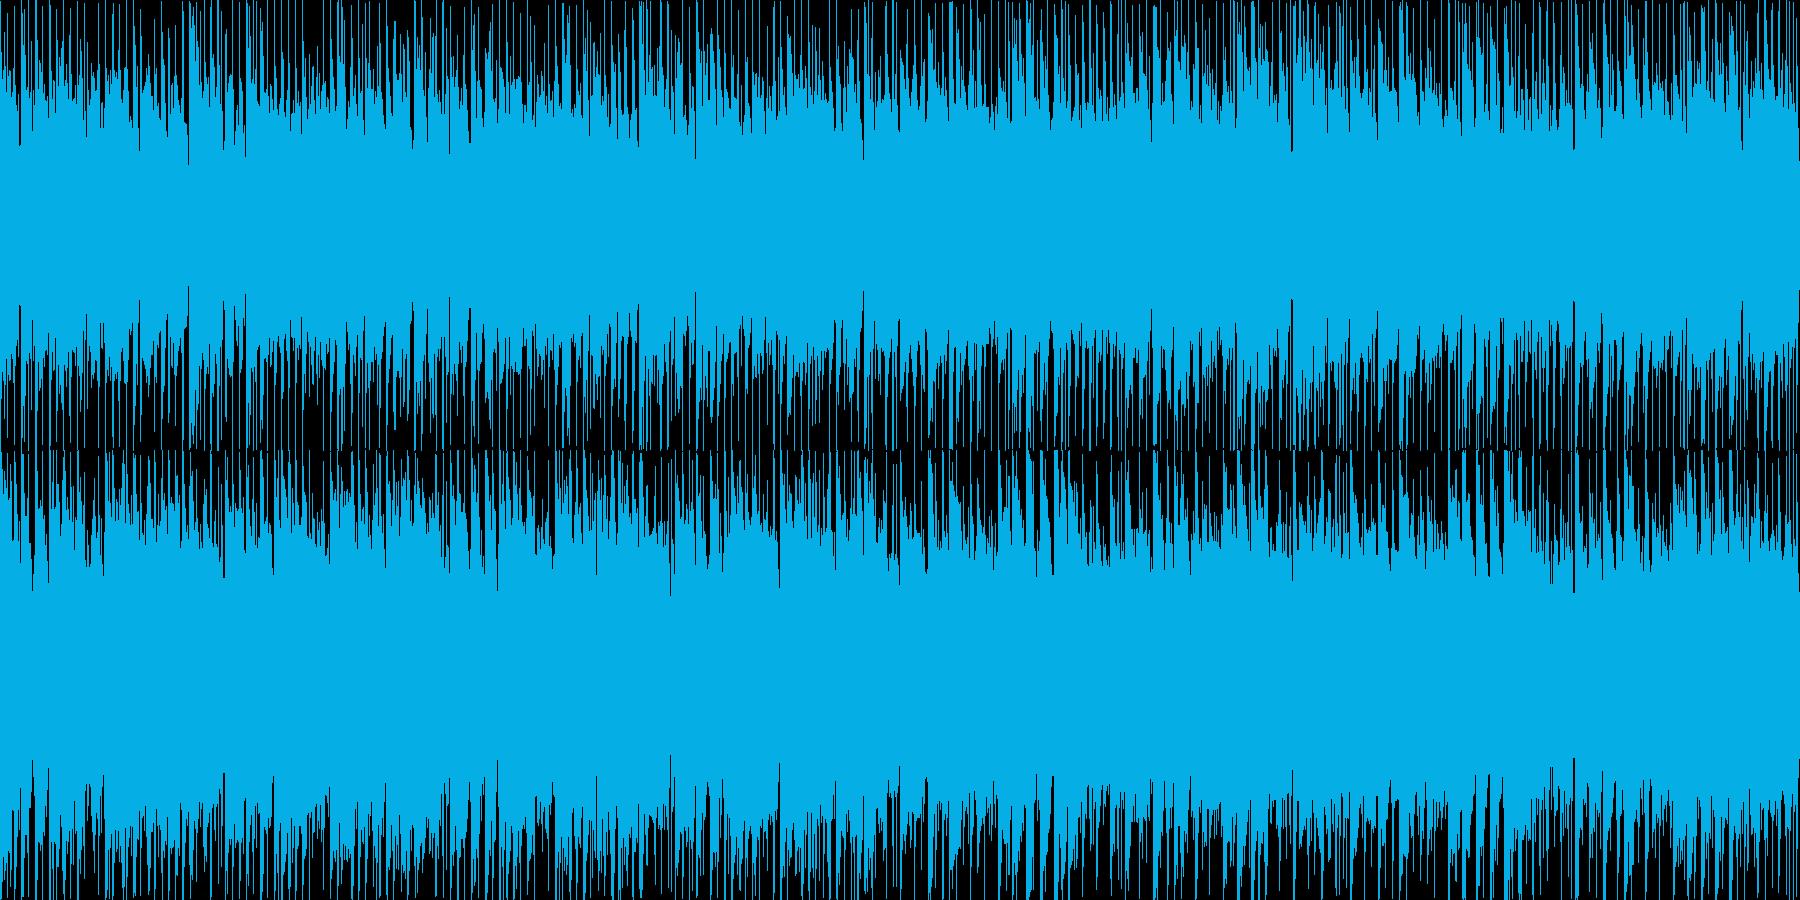 爽やかピアノメロディBGM[ループ仕様]の再生済みの波形